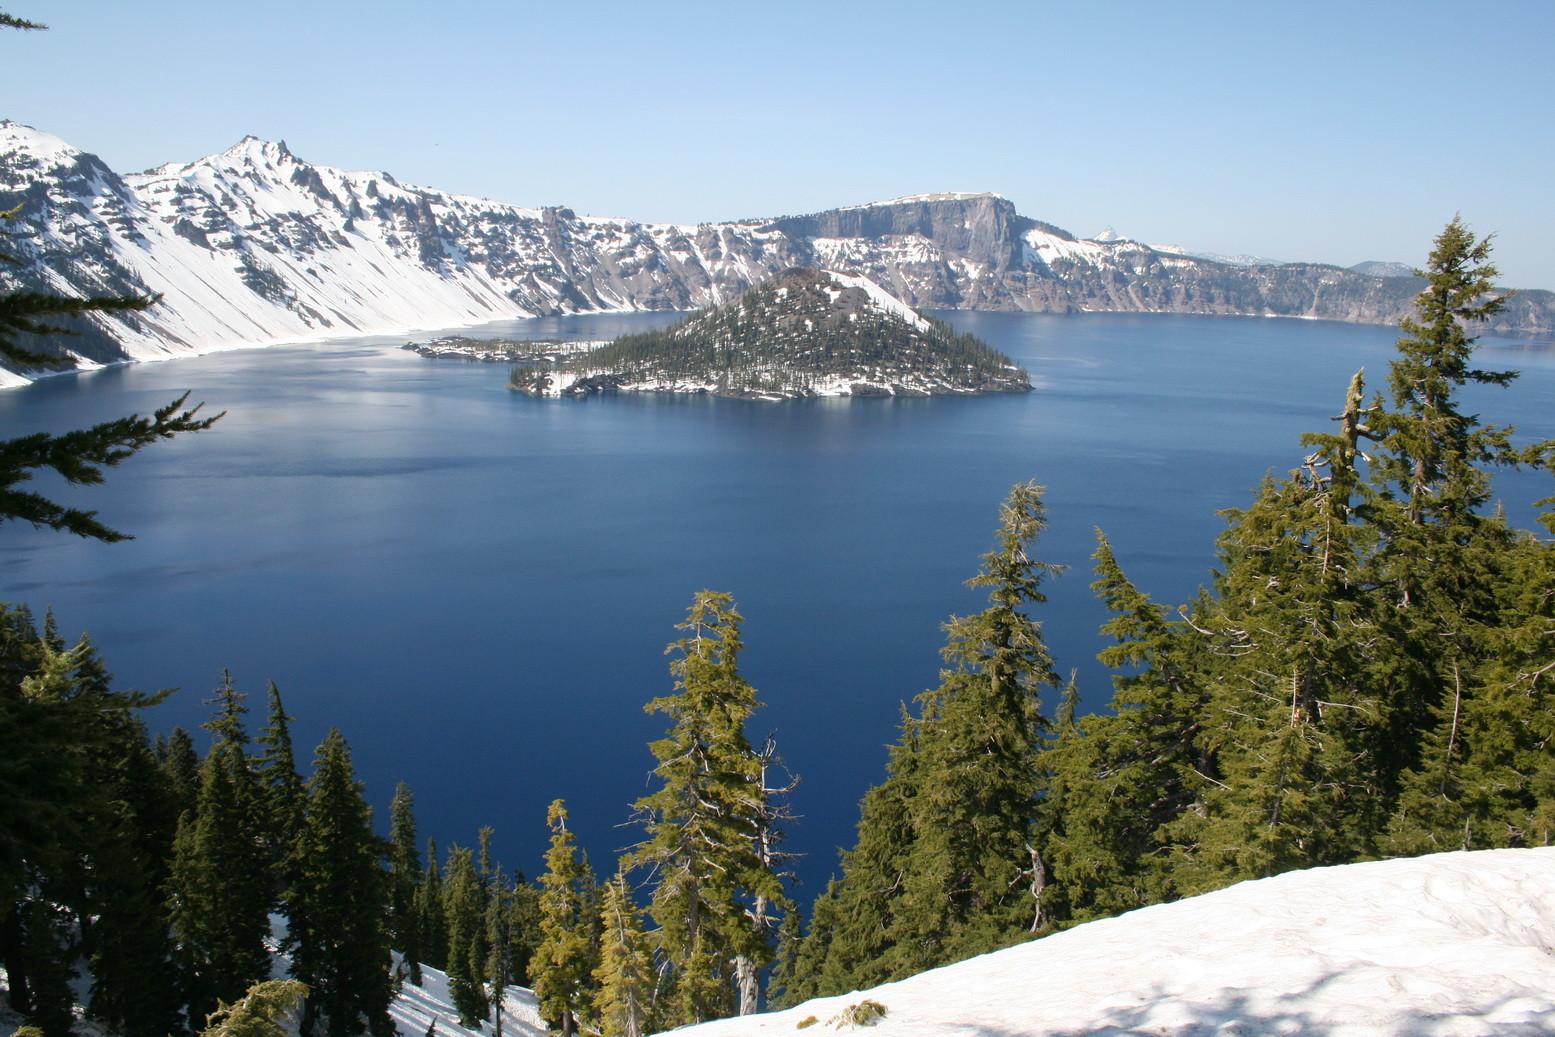 Der Crater Lake (Oregon) im Frühjahr